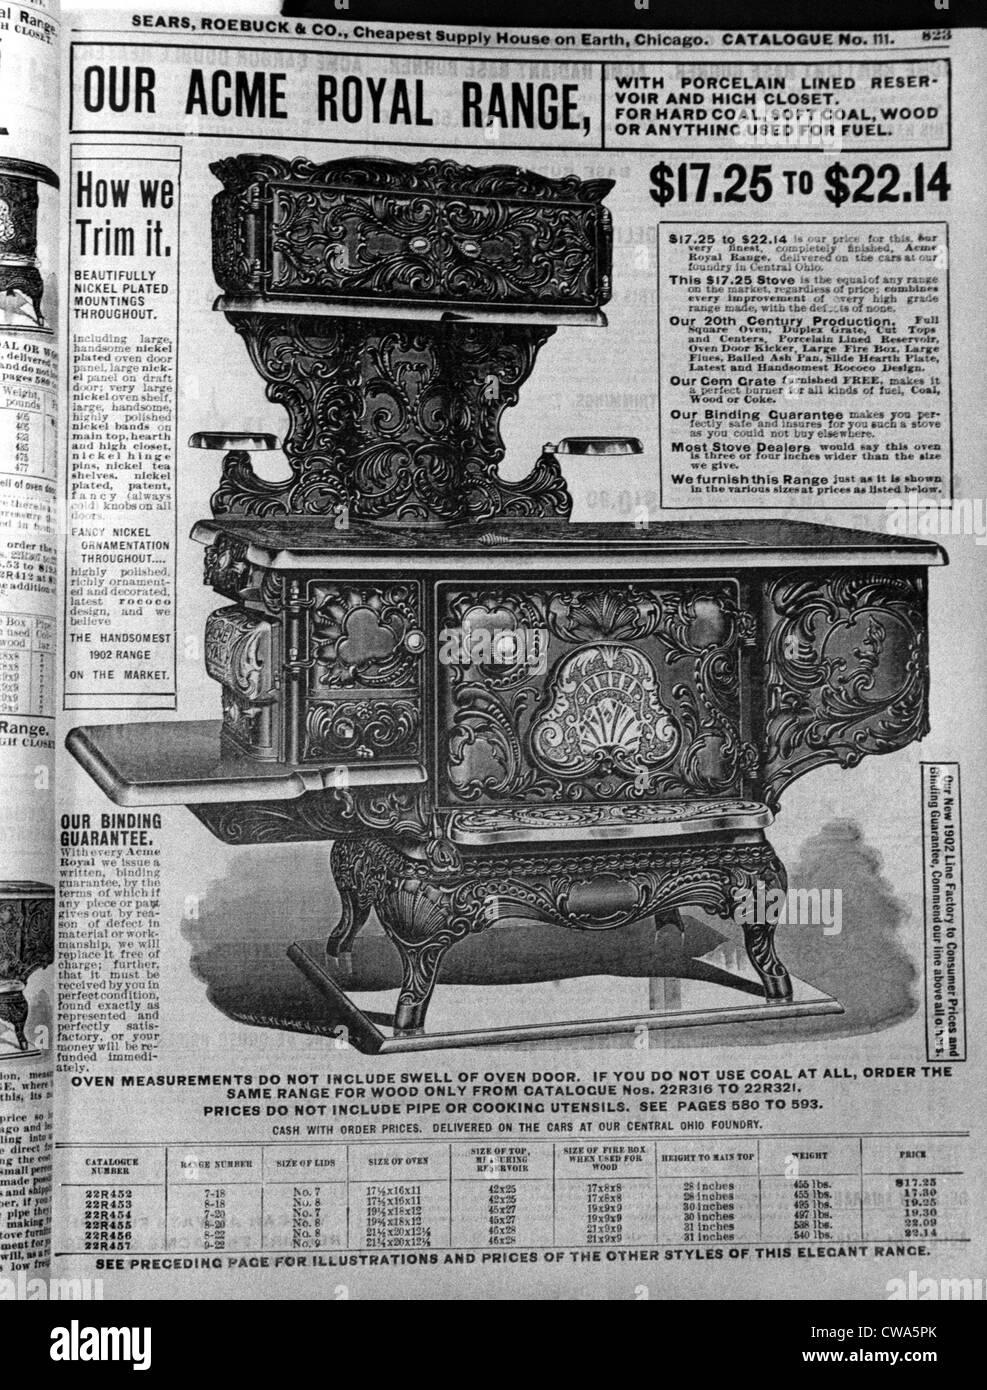 Annonce pour un four de charbon dans un catalogue Sears 1902.. Avec la permission de la CSU: Archives / Everett Photo Stock